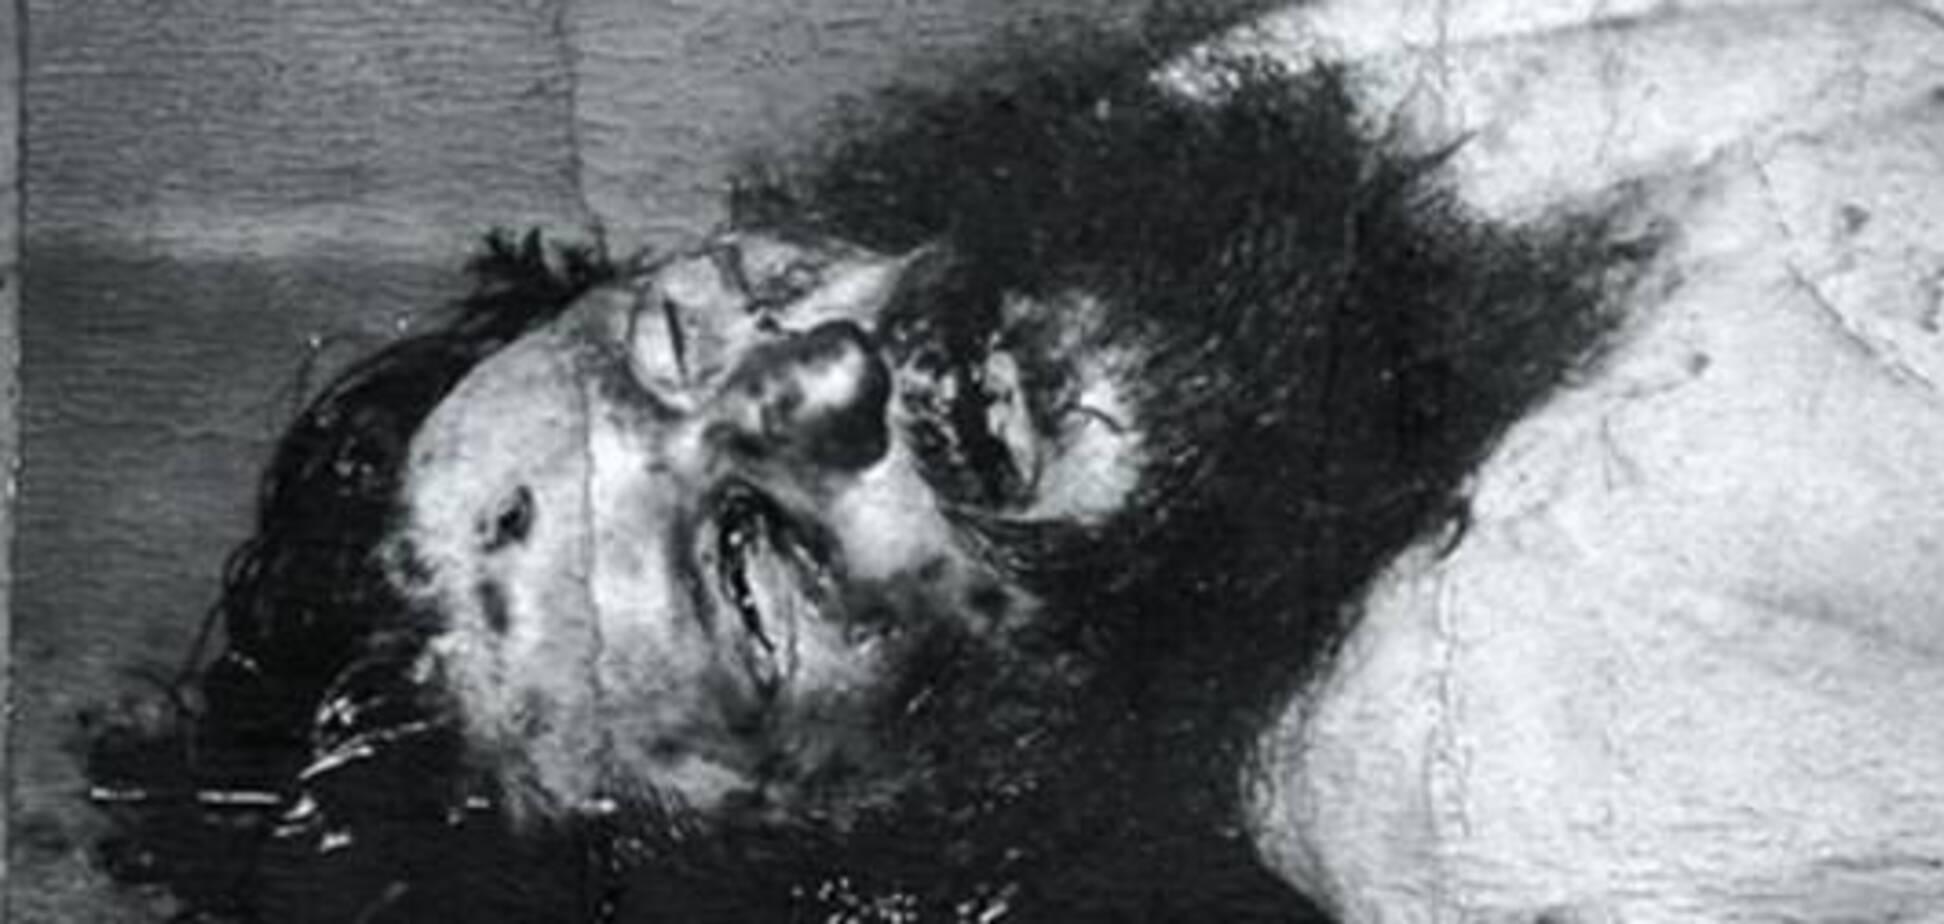 Распутіна вбили агенти британської розвідки. ФОТО